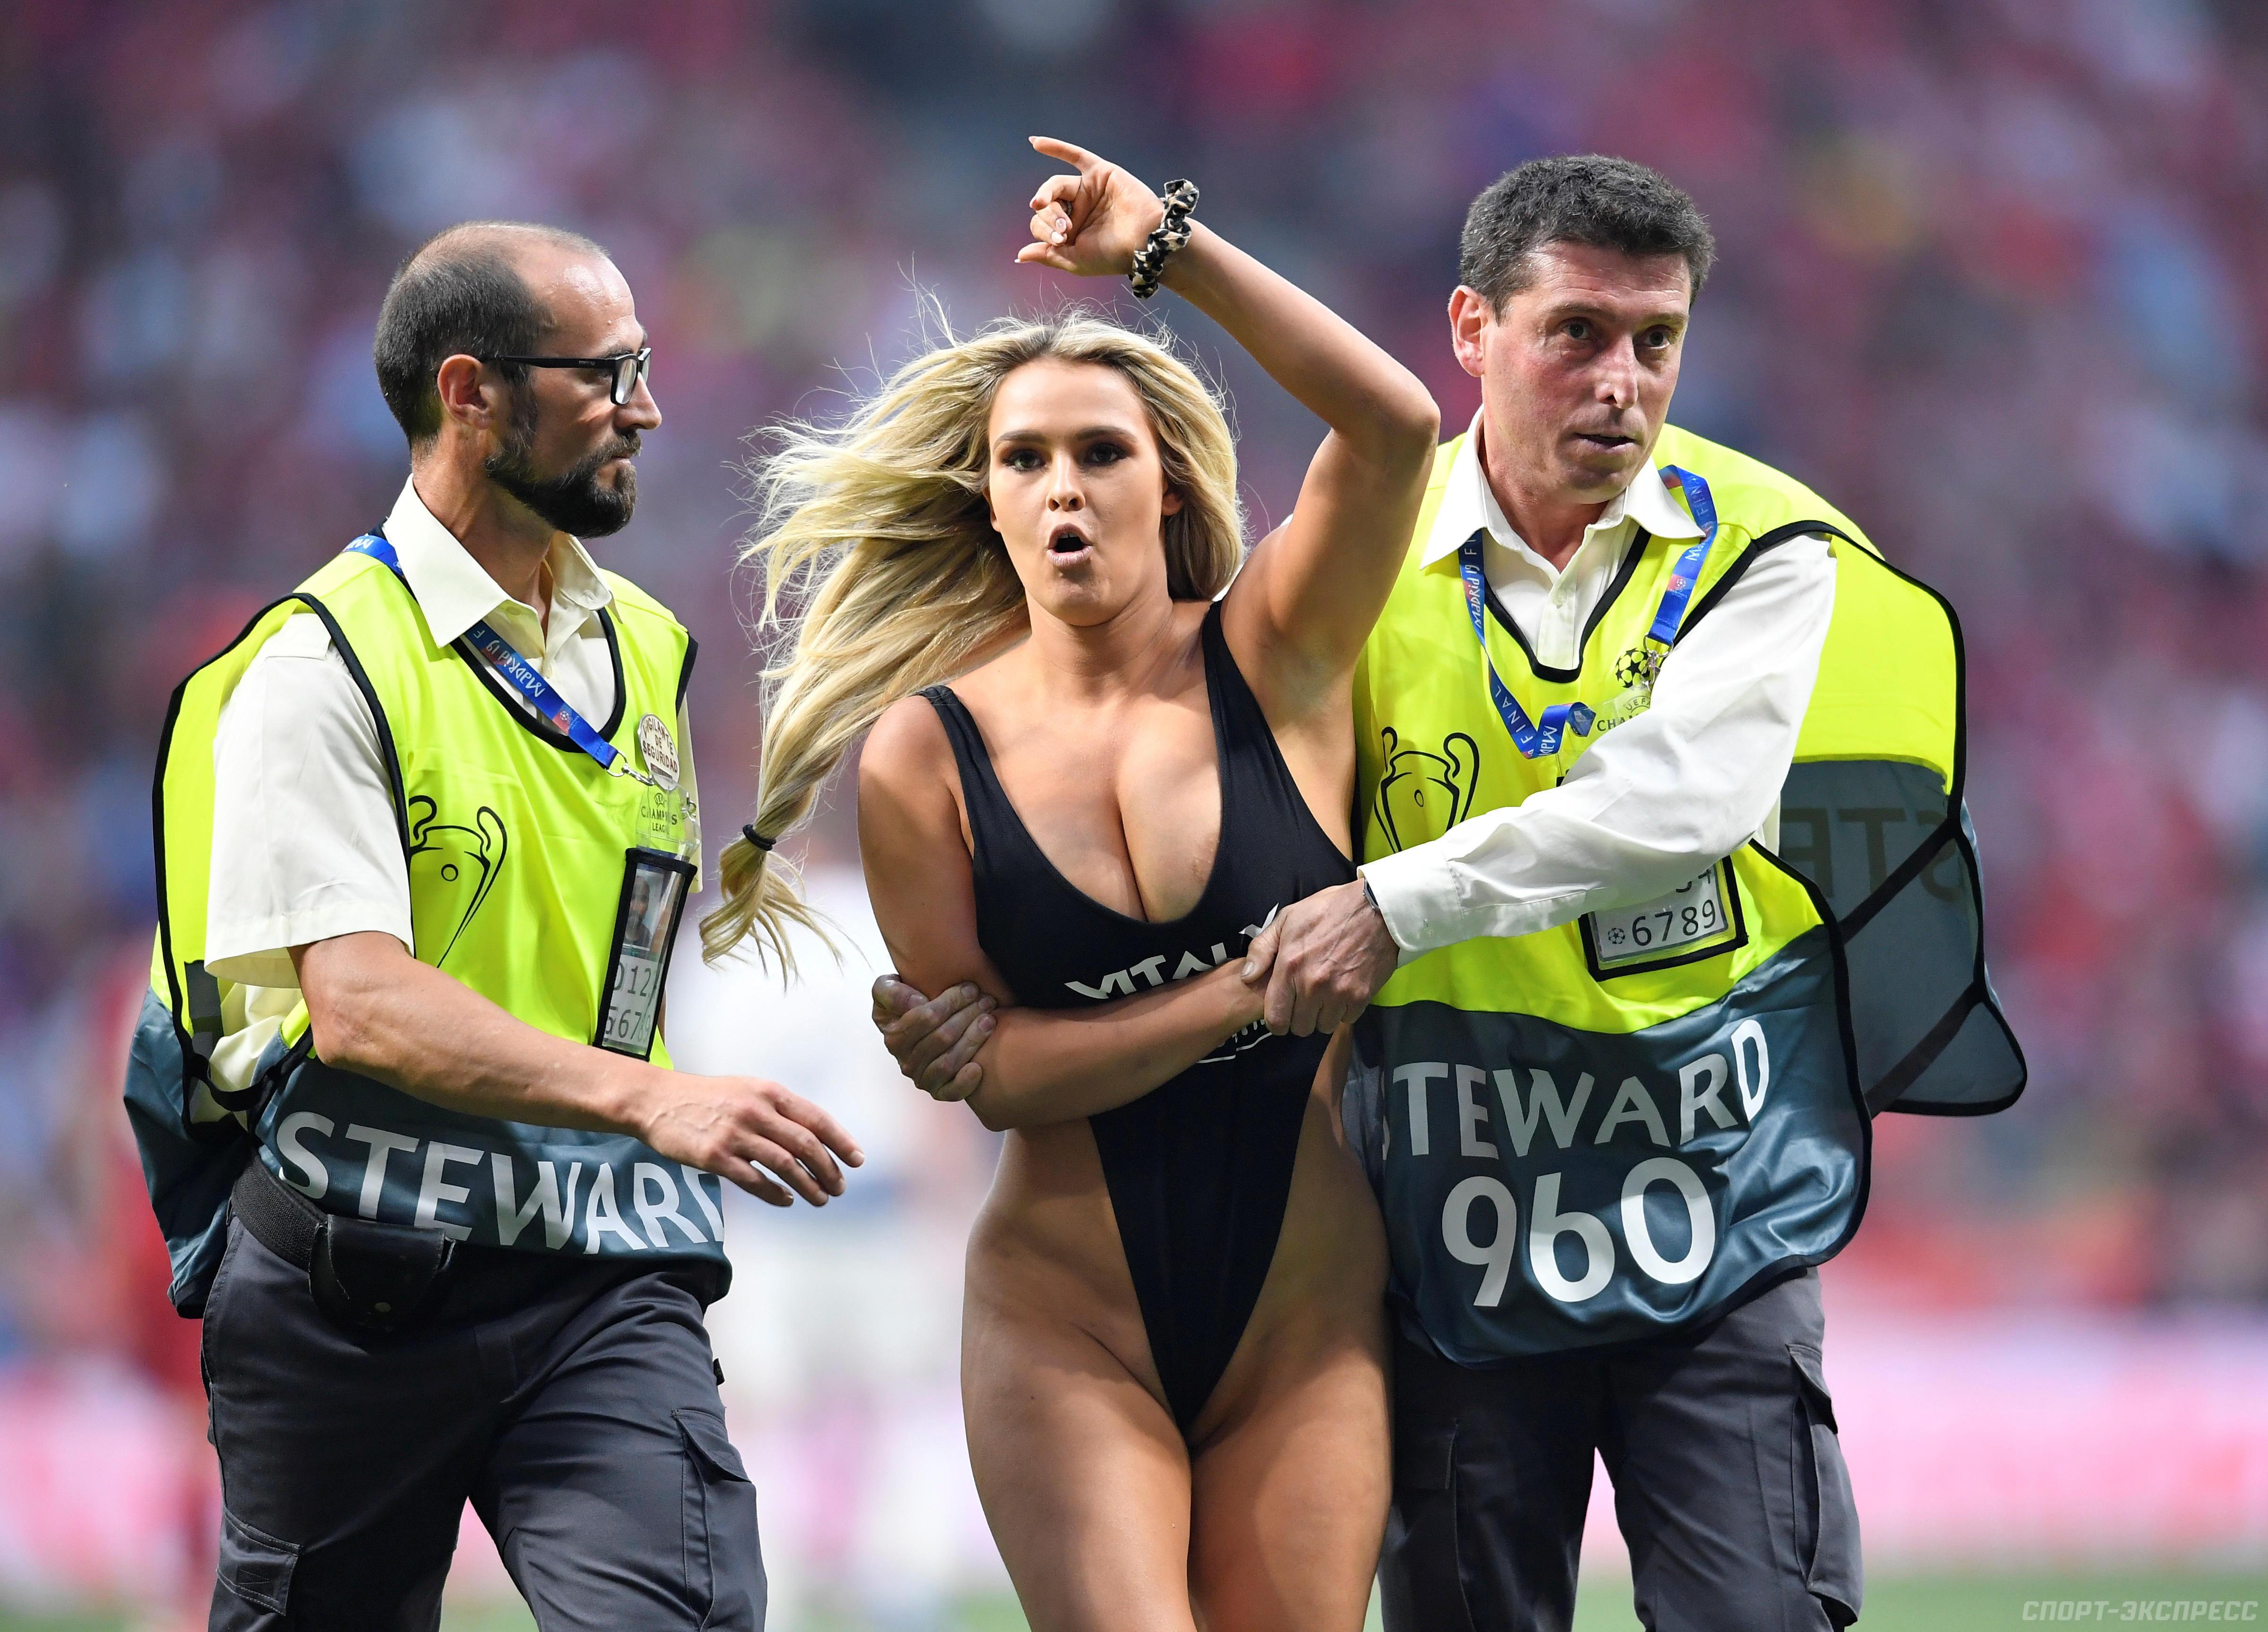 16b2783e54a58 Мадрид. Прорыв женщины в купальнике на поле в финале Лиги чемпионов